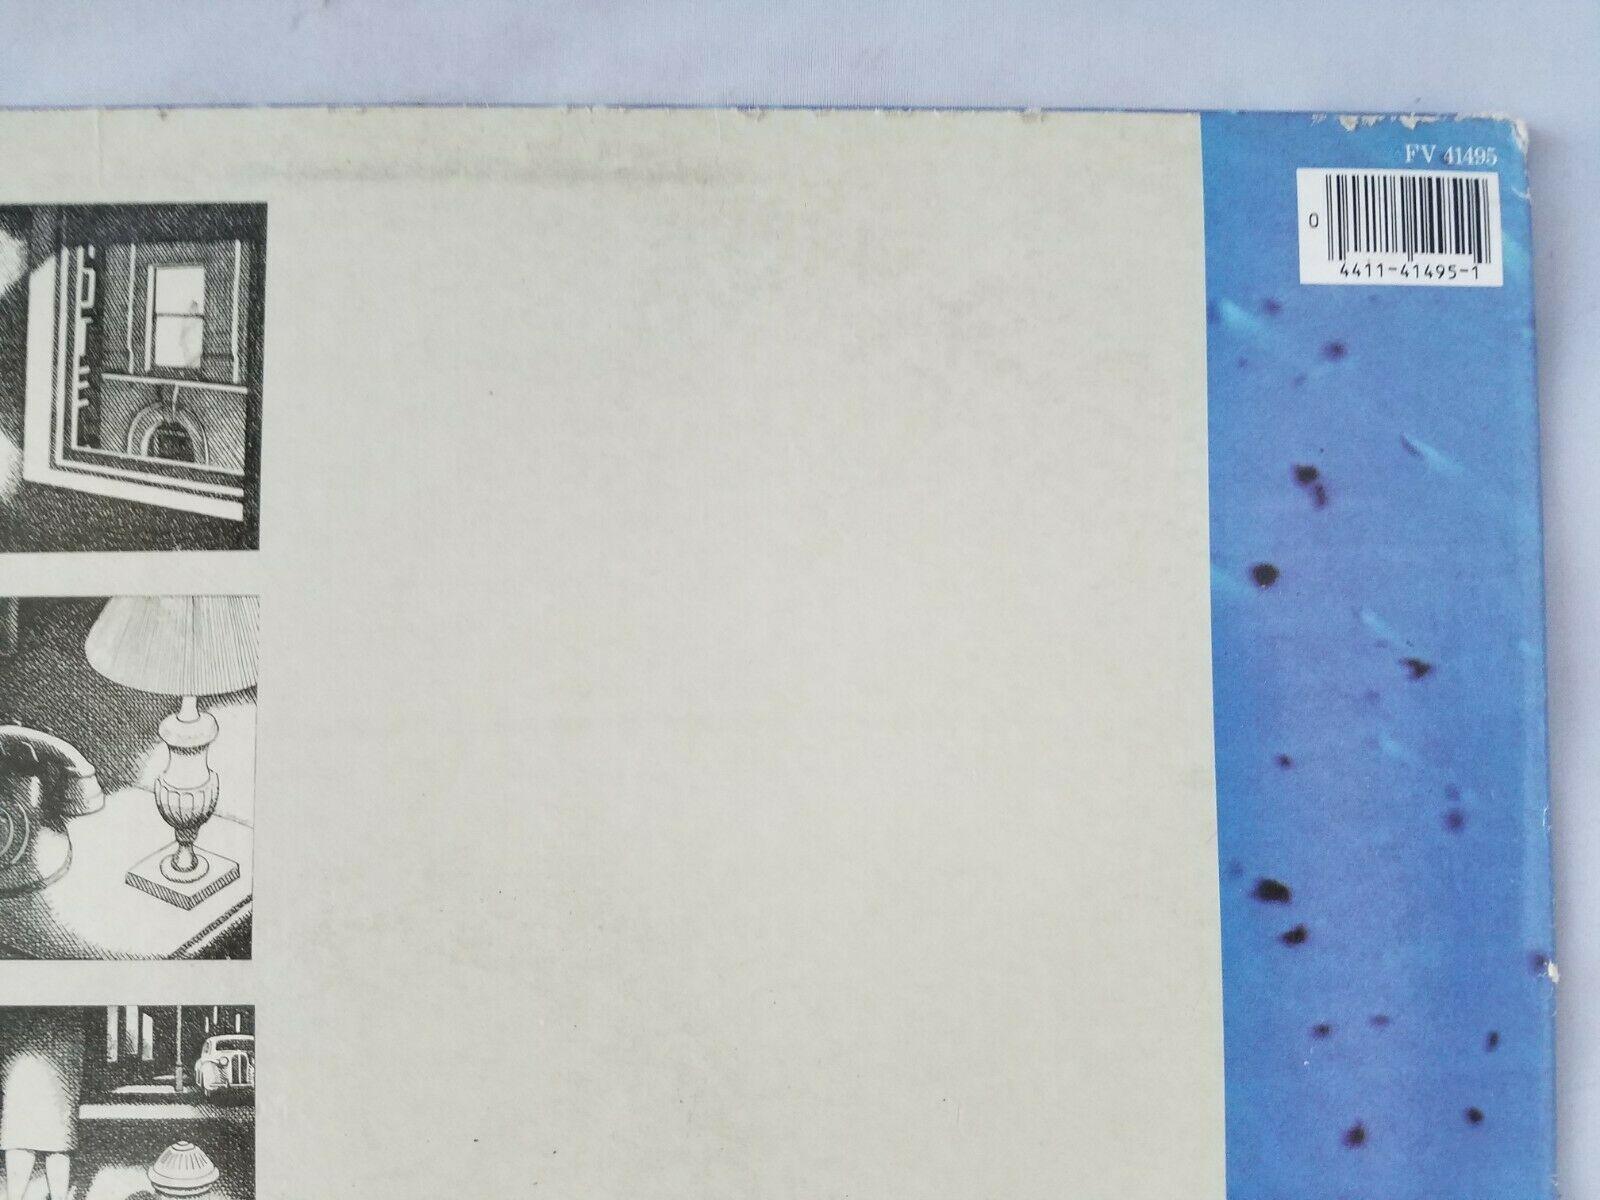 Go West Go West Vintage Vinyle Record Auto Intitulé 1985 Chrysalis Records